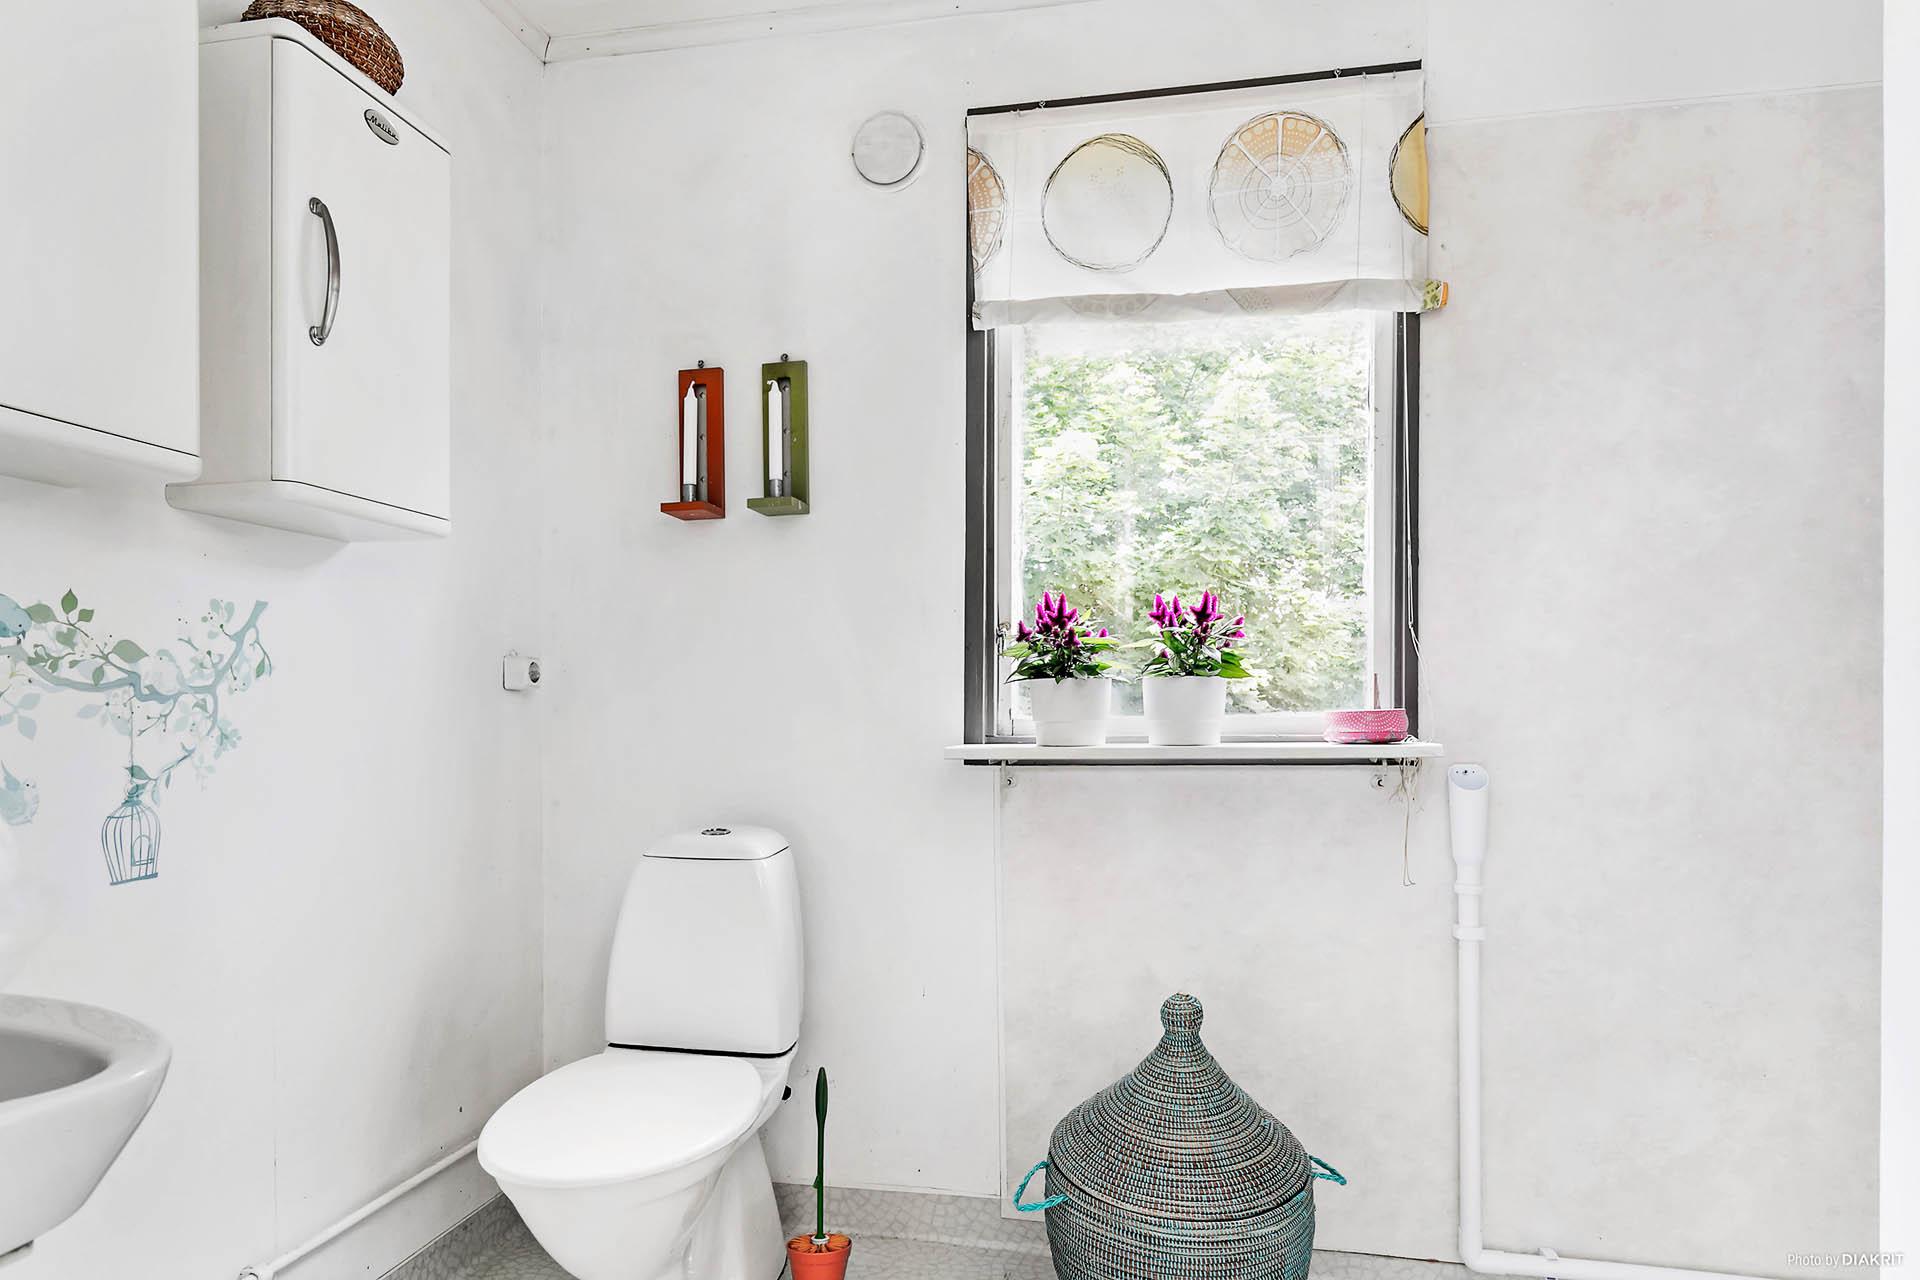 Badrum med toalett, handfat, dusch och förvaring.